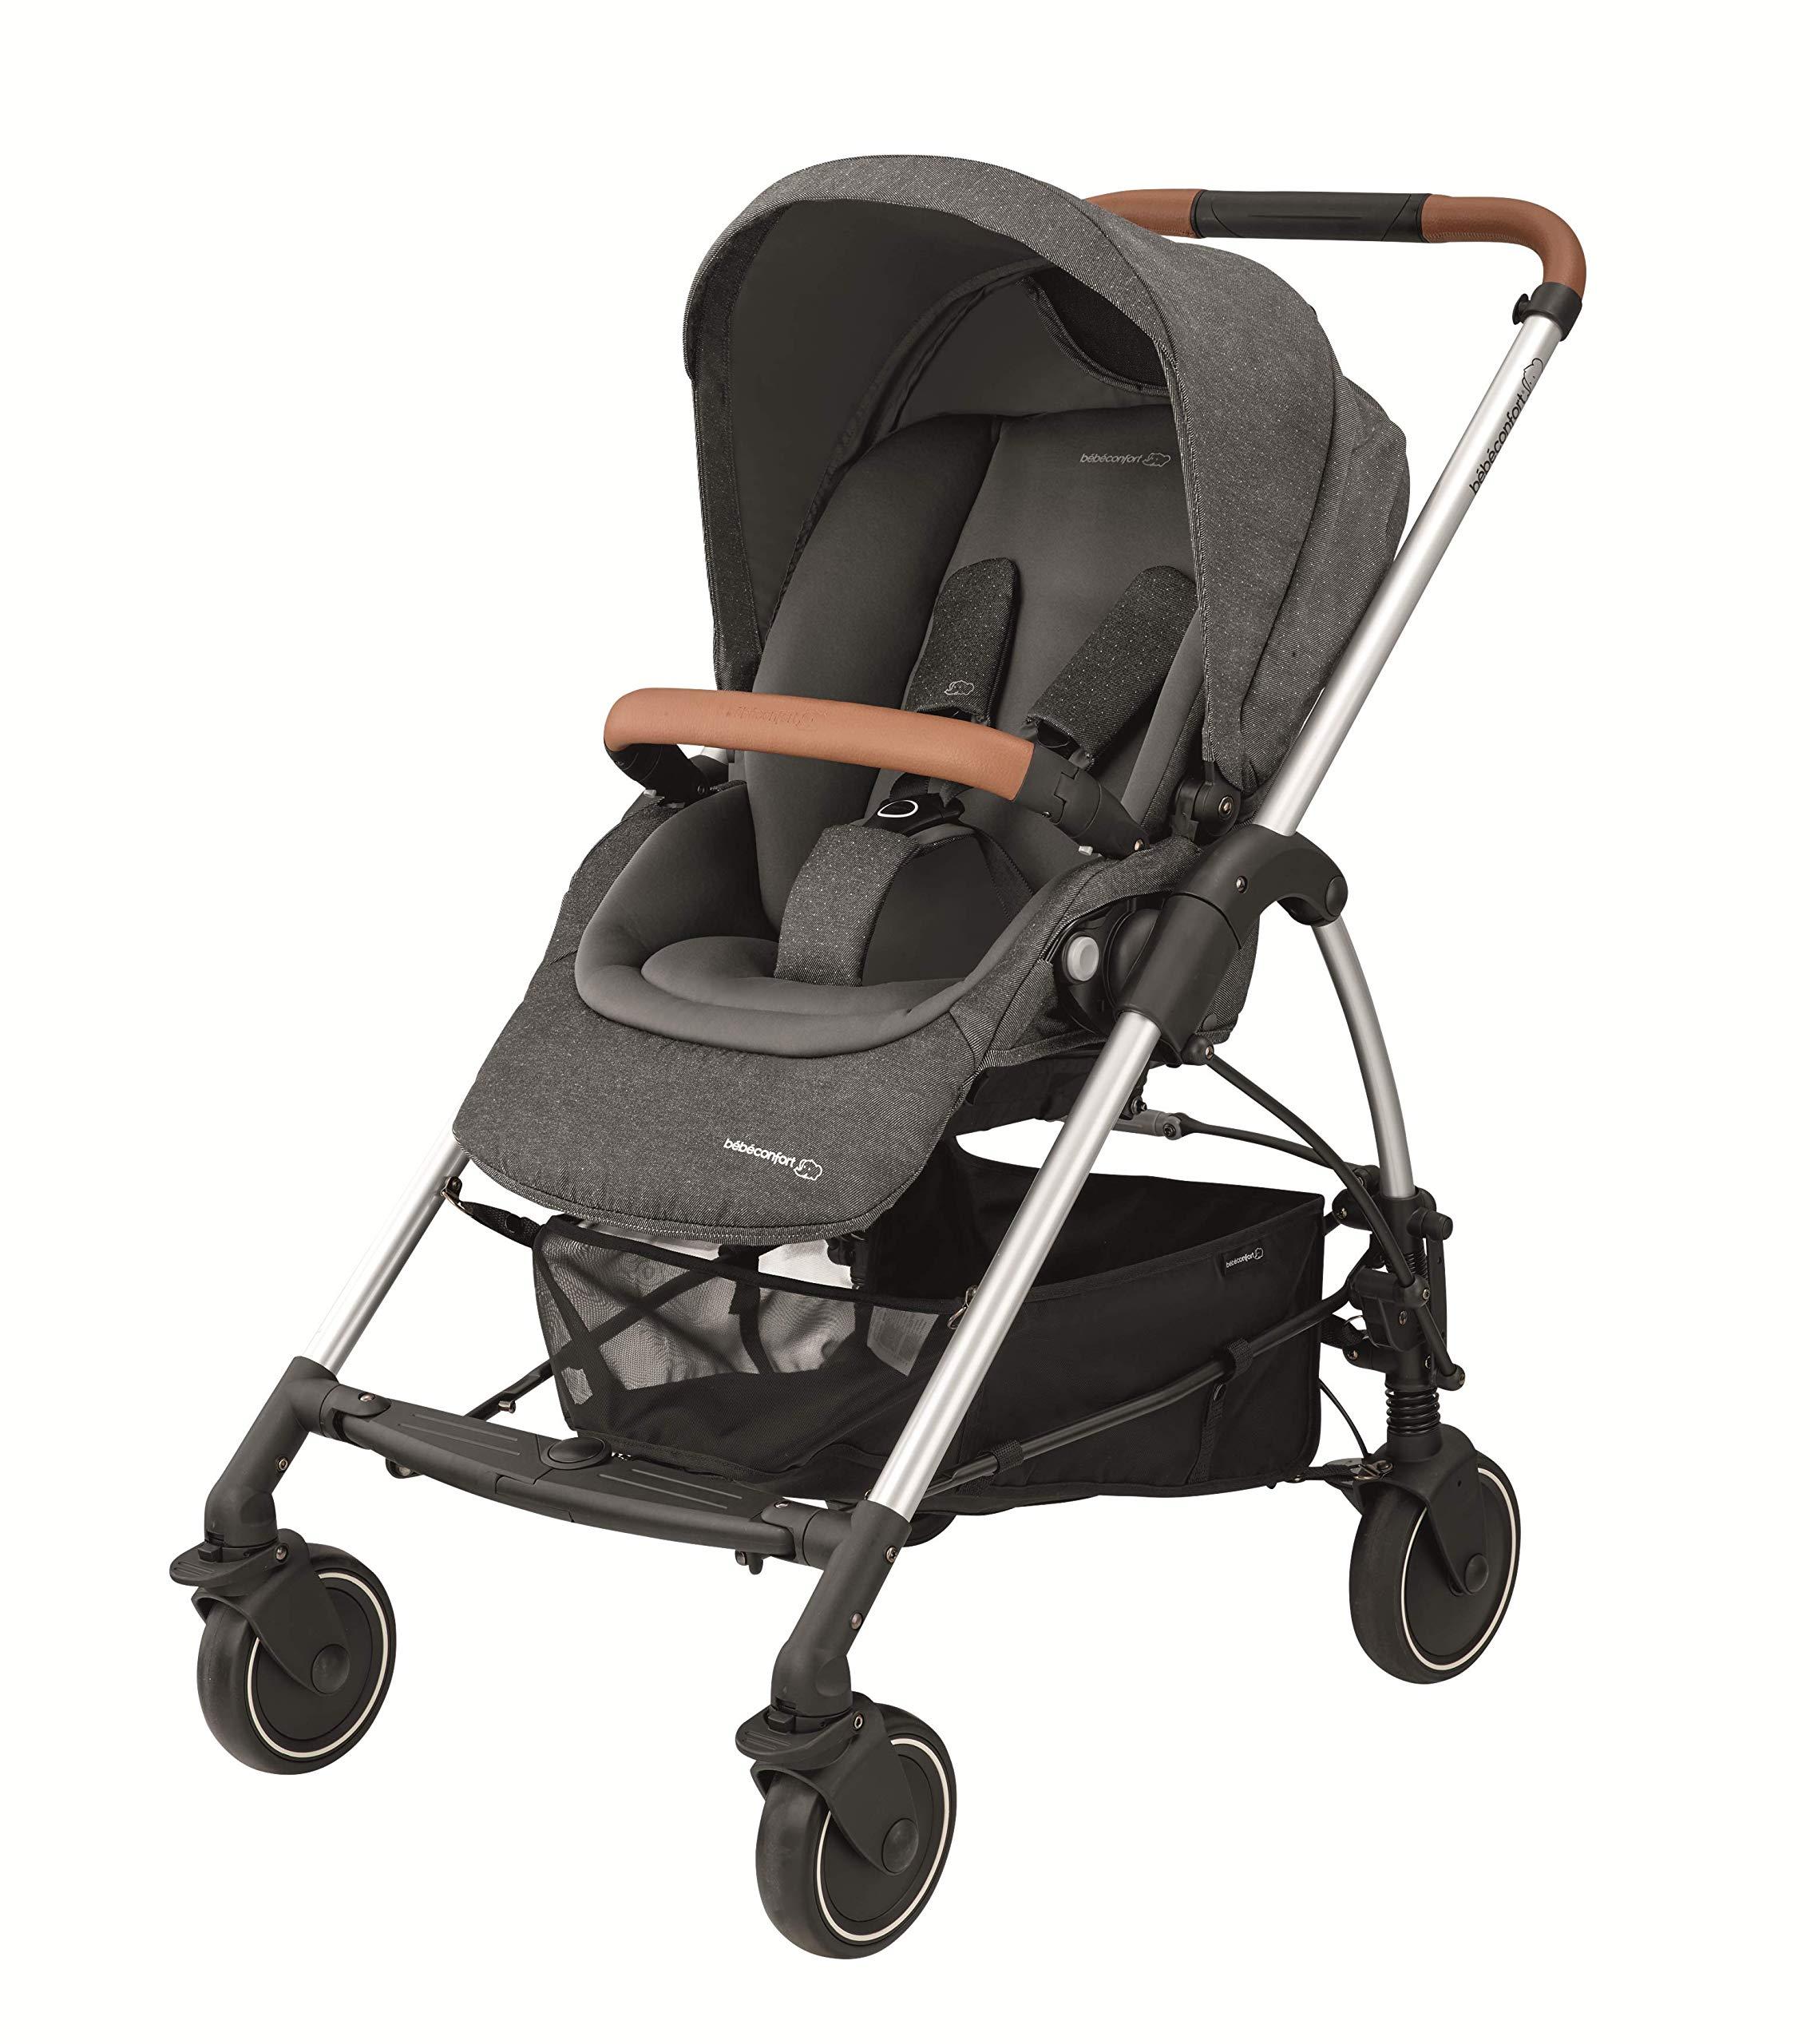 Bébé Confort Poussette Mya Compacte et Citadine, Habillage Pluie Inclus Sparkling Grey product image